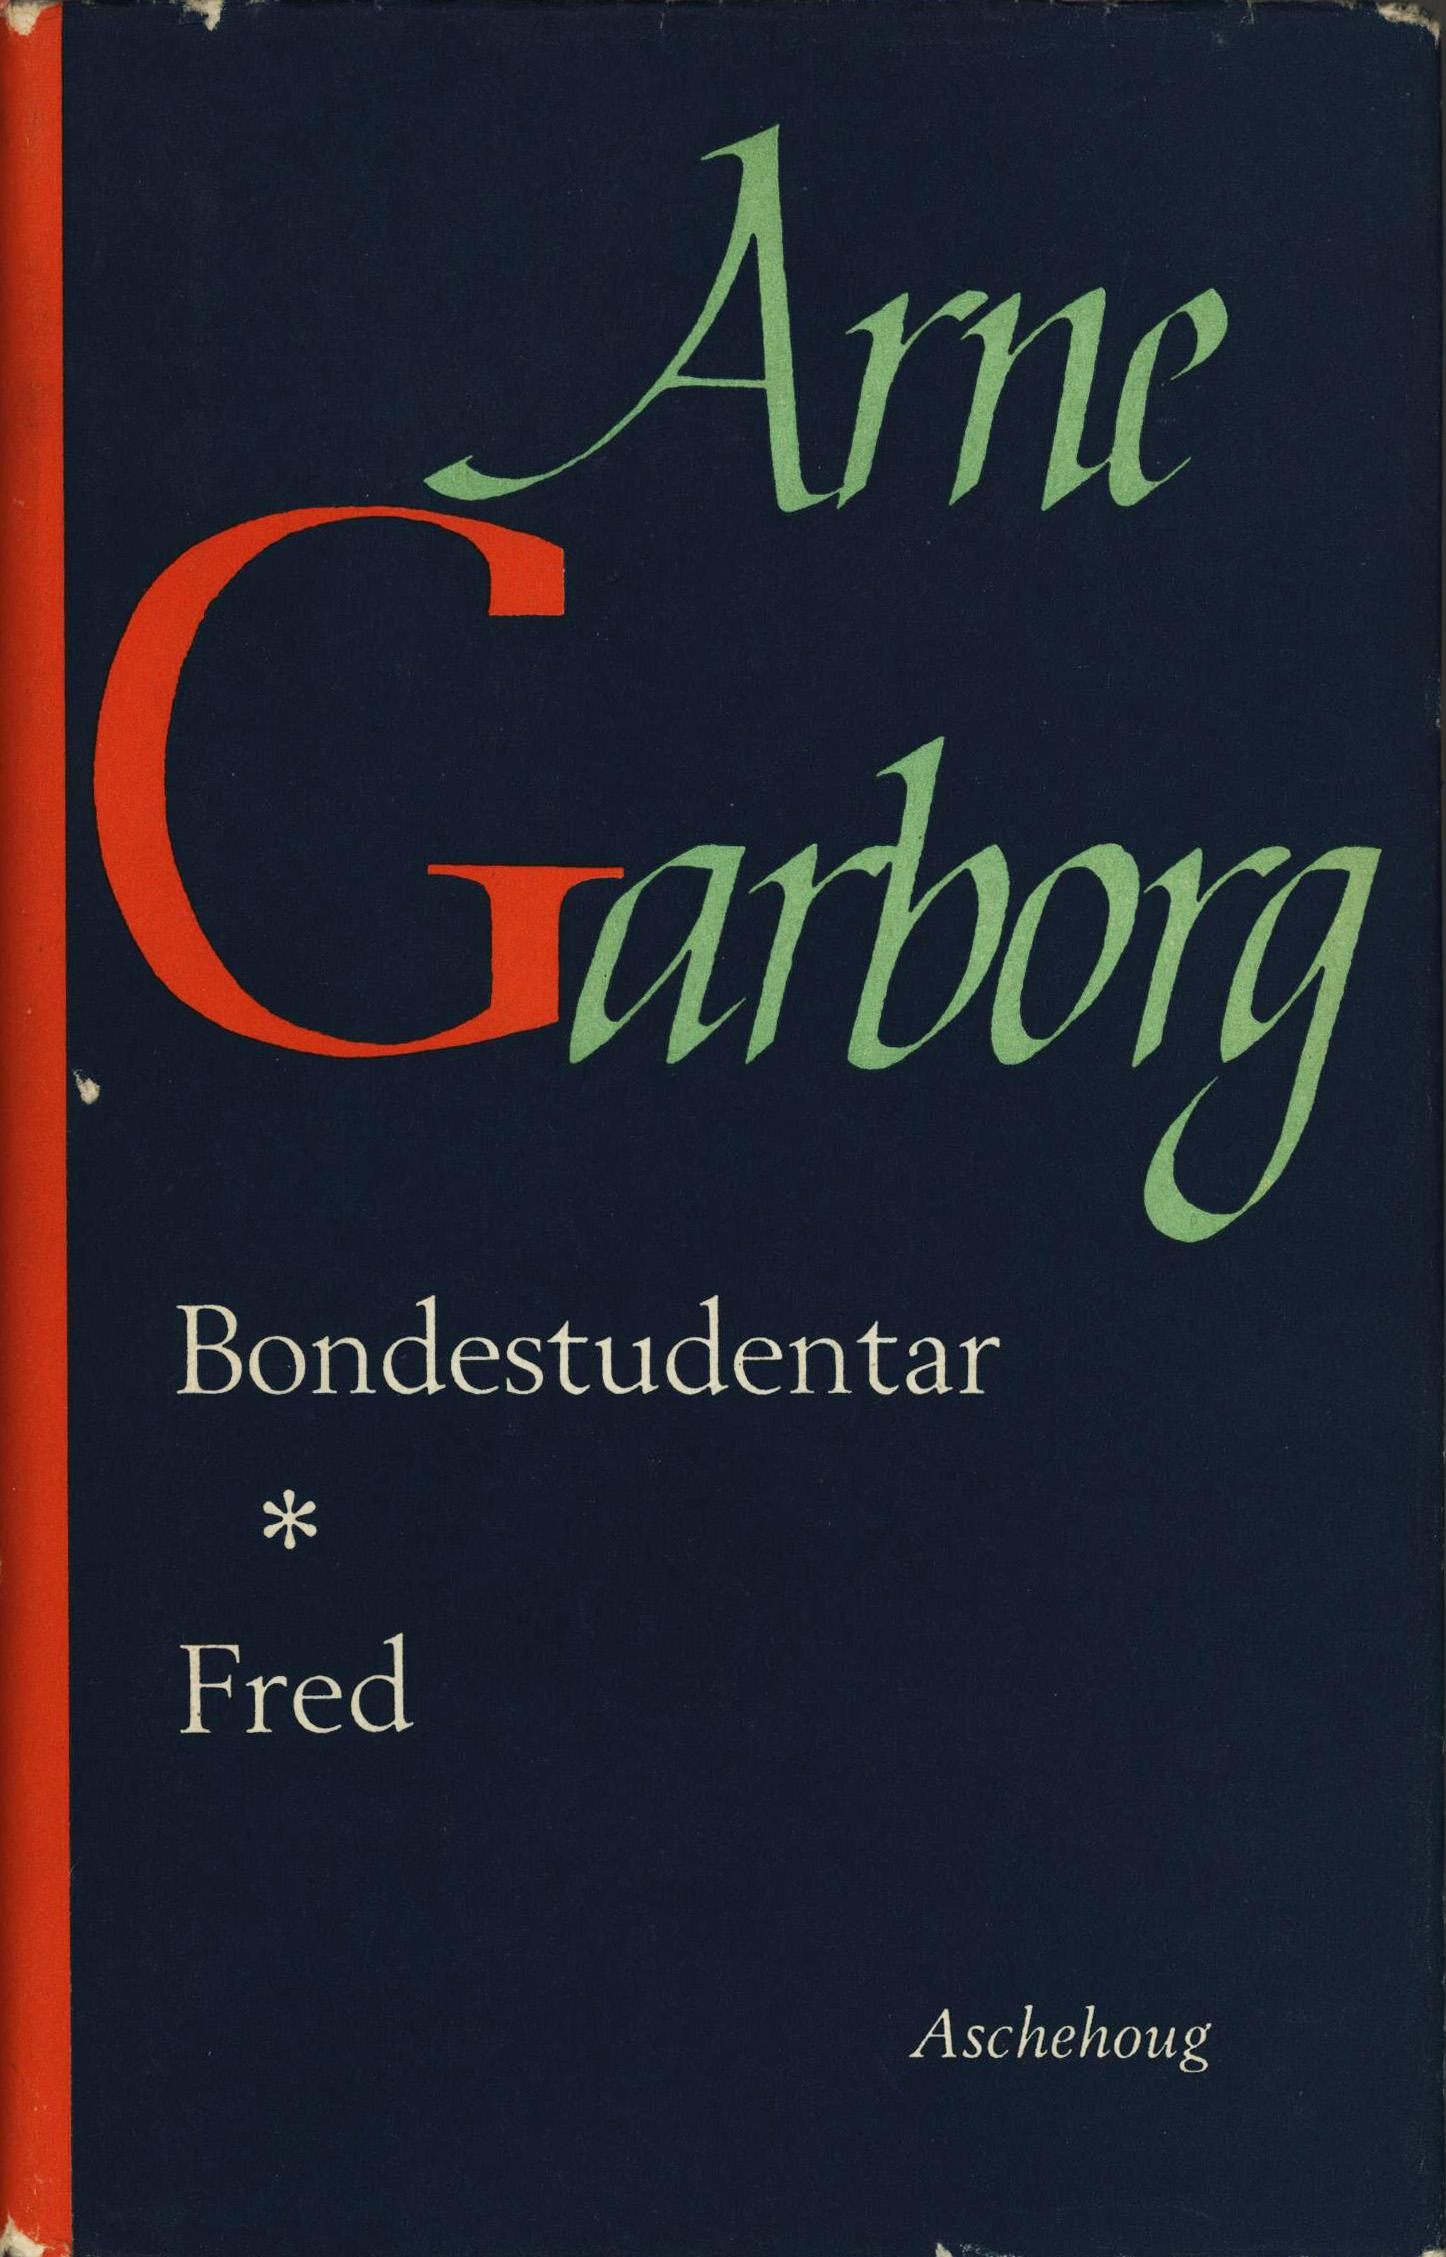 Arne Garborg: Bondestudentar - Fred